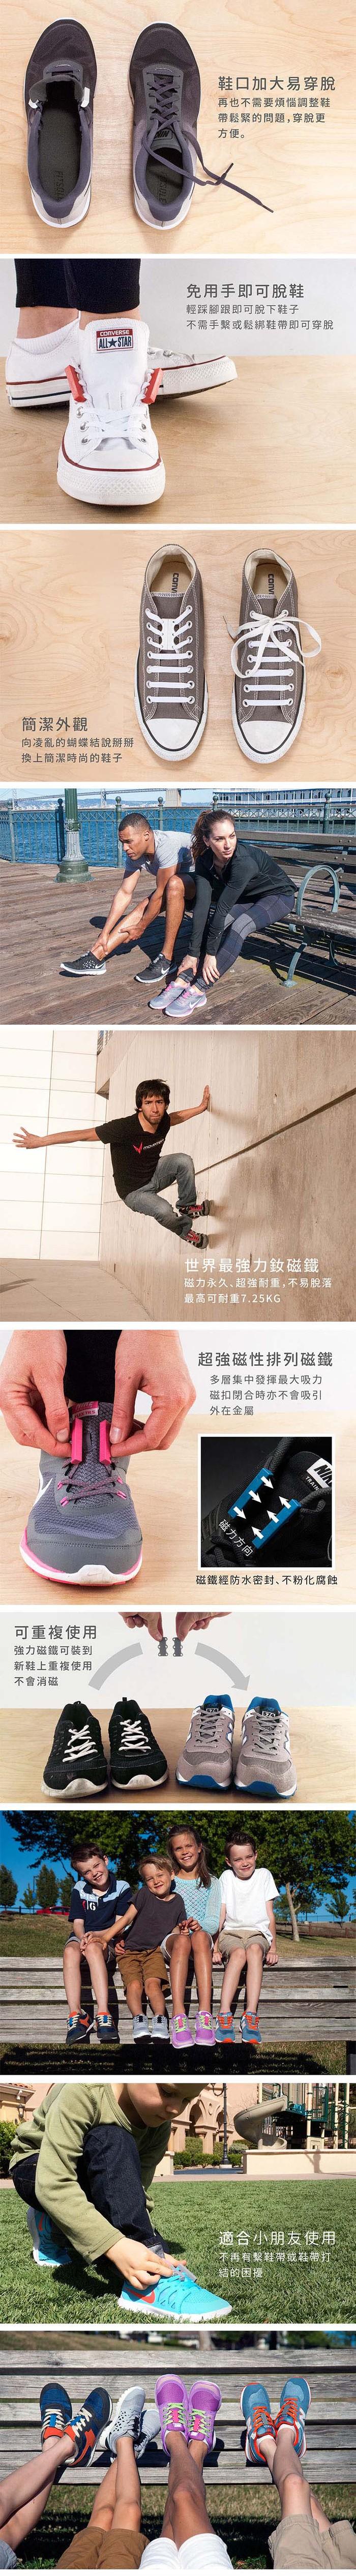 美國 Zubits| 強磁鞋帶扣 3 號 - 純白